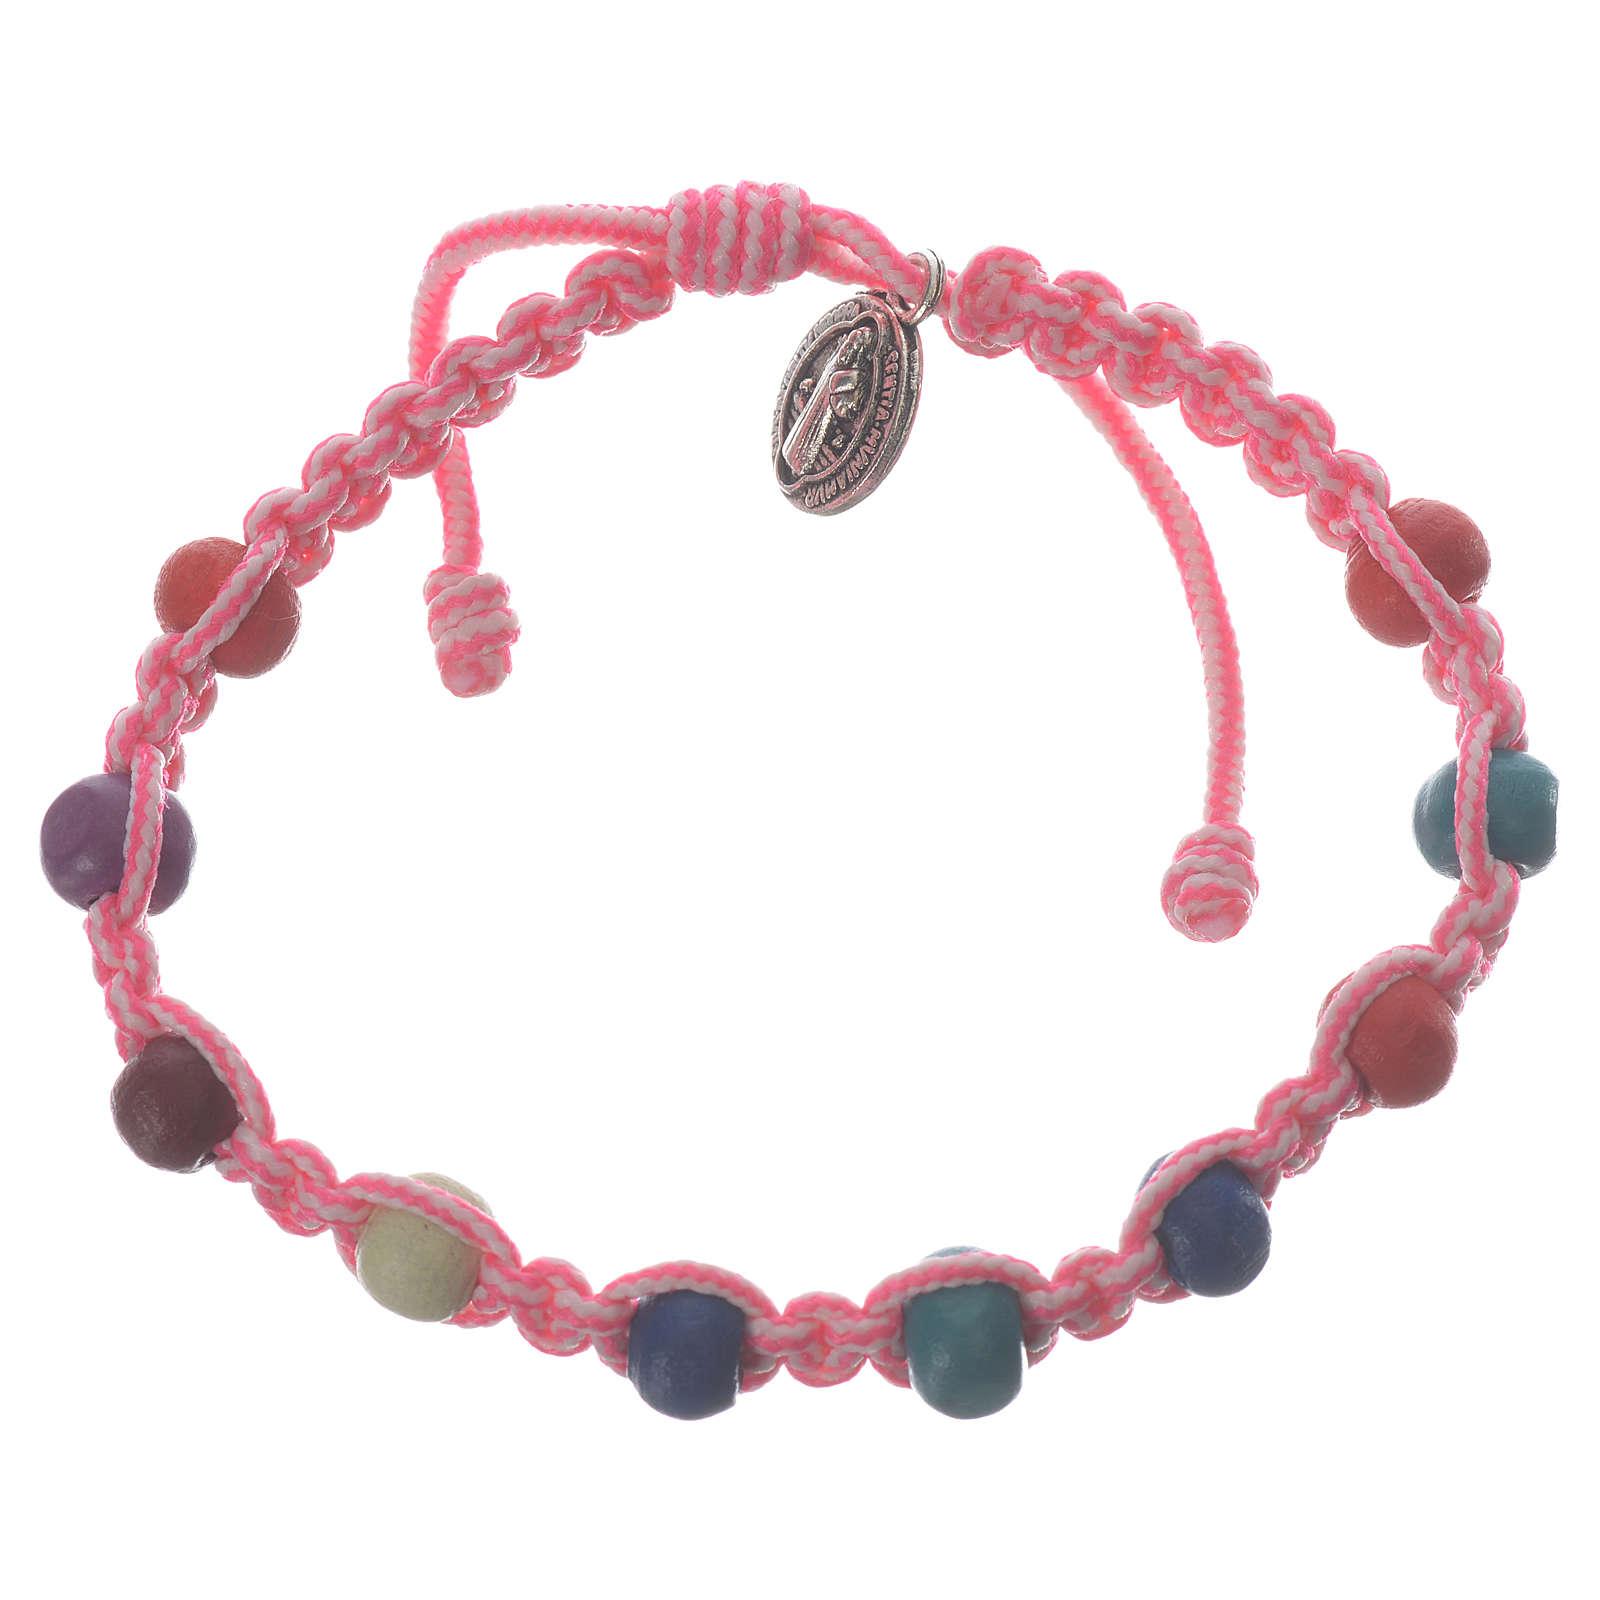 Bransoletka dziesiątka dla dziecka Medziugorie sznurek różowo-biały 4